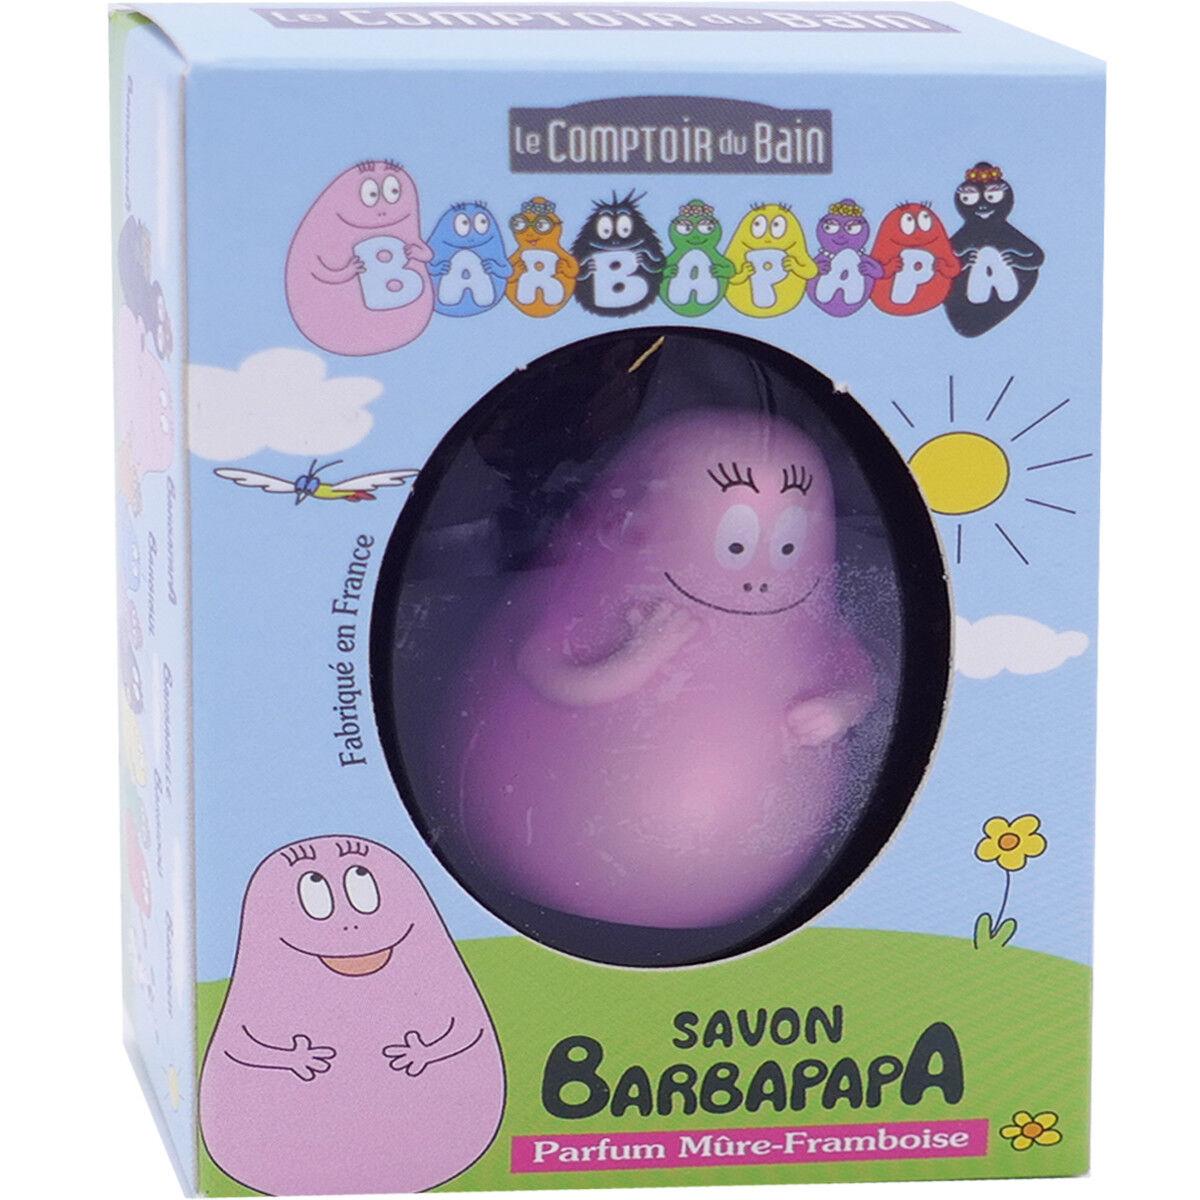 LE COMPTOIR DU BAIN Barbapapa savon barbapapa 84g + figurine parfum mure framboise